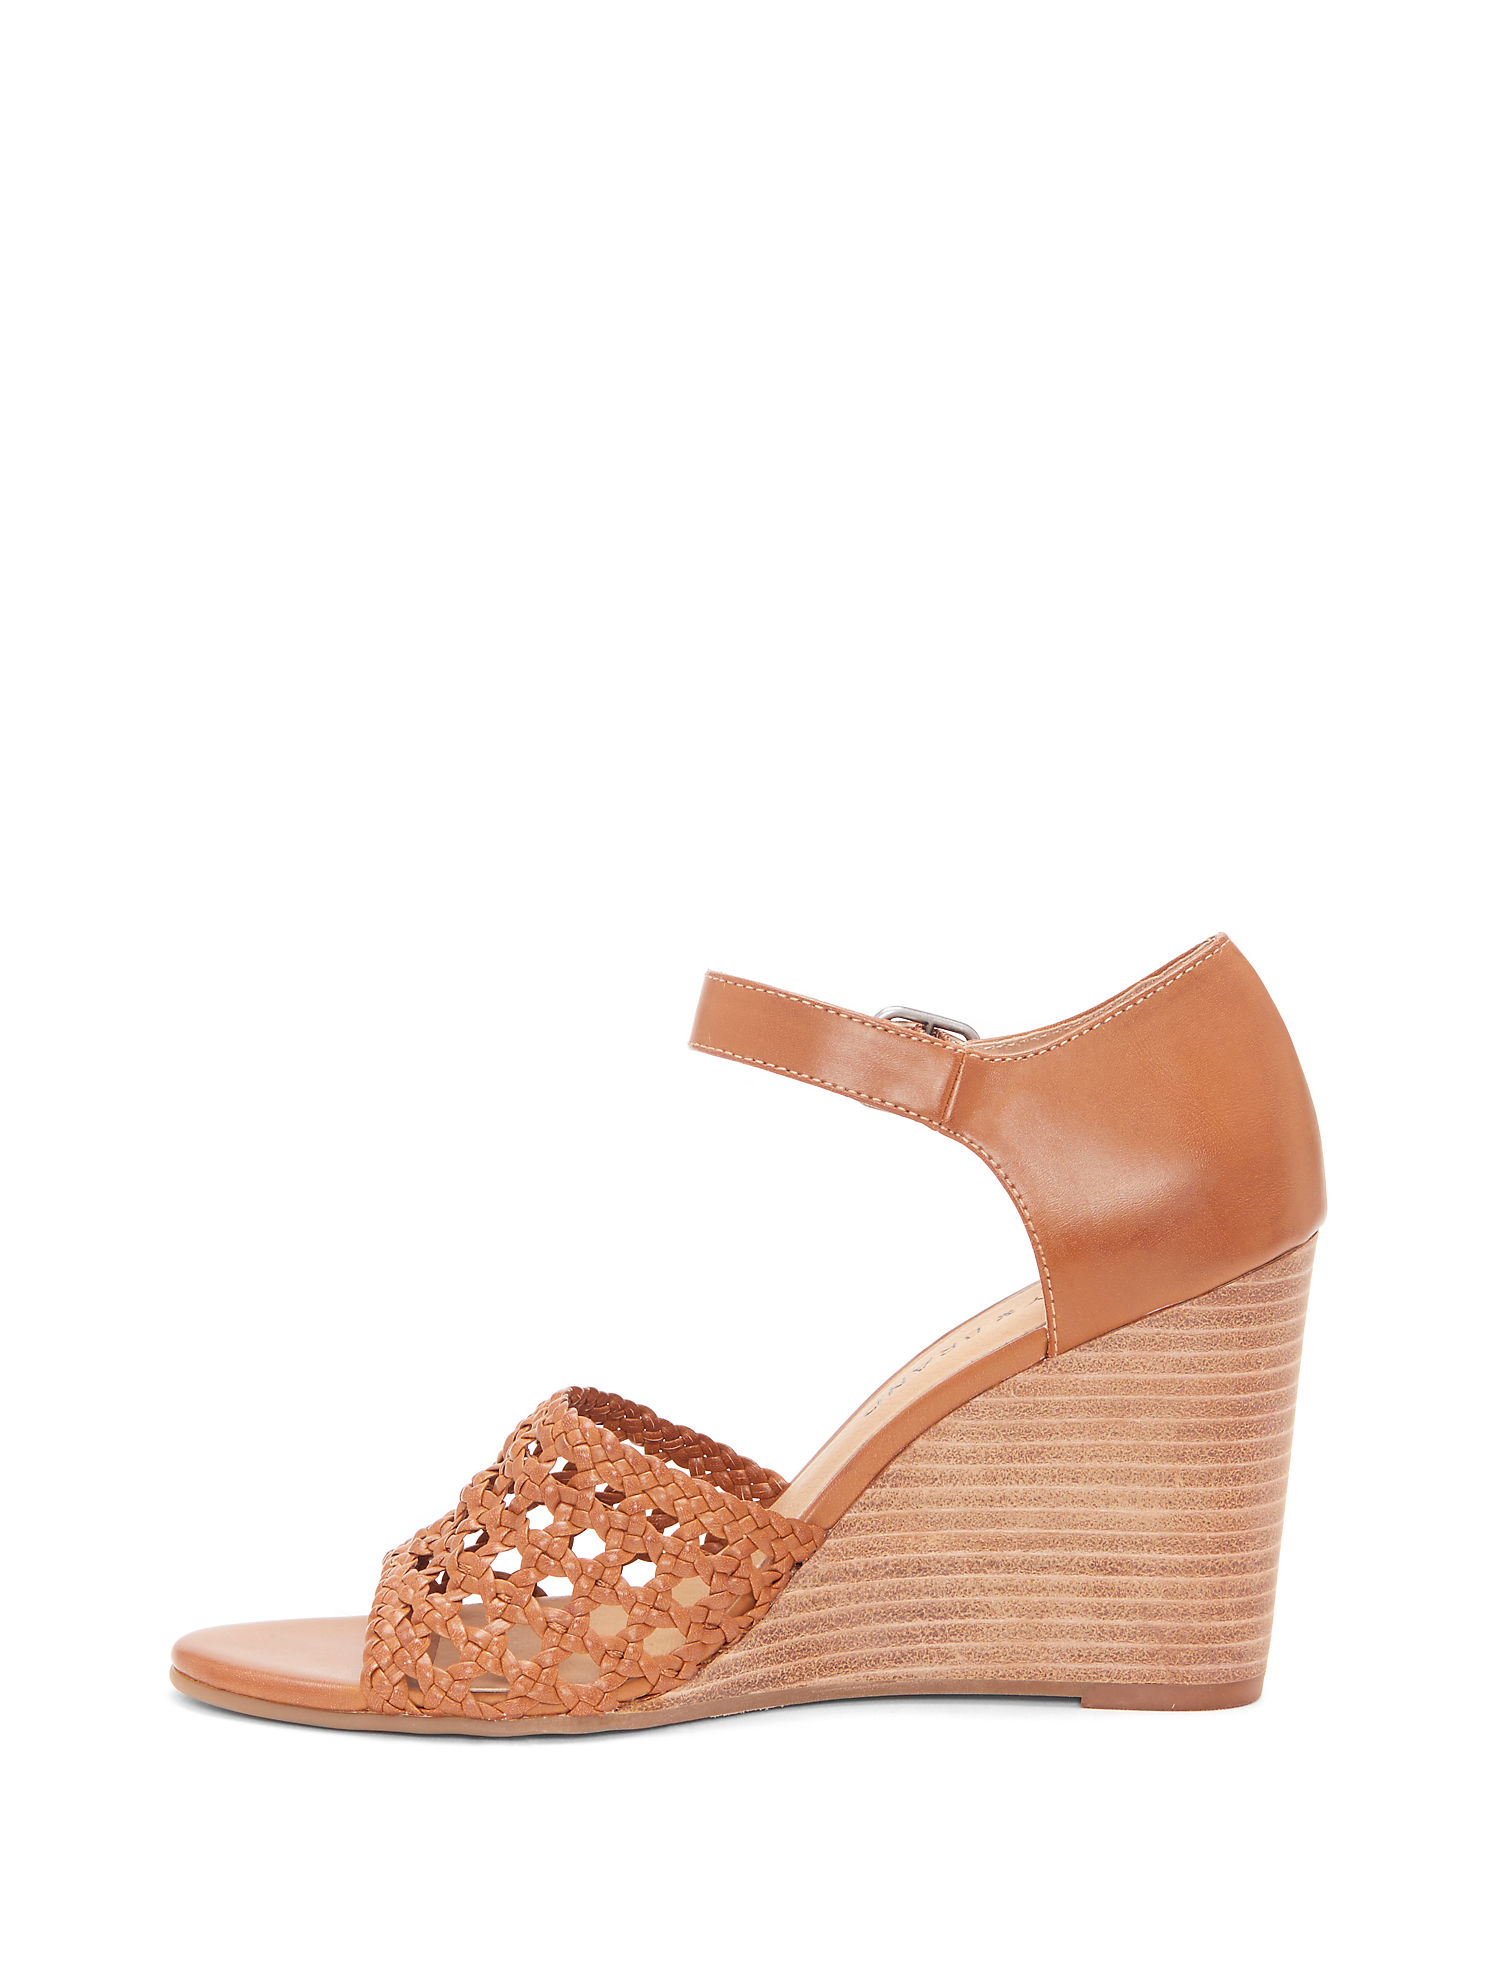 Lucky Brand Rebekka Wedge Günstige und gute Schuhe